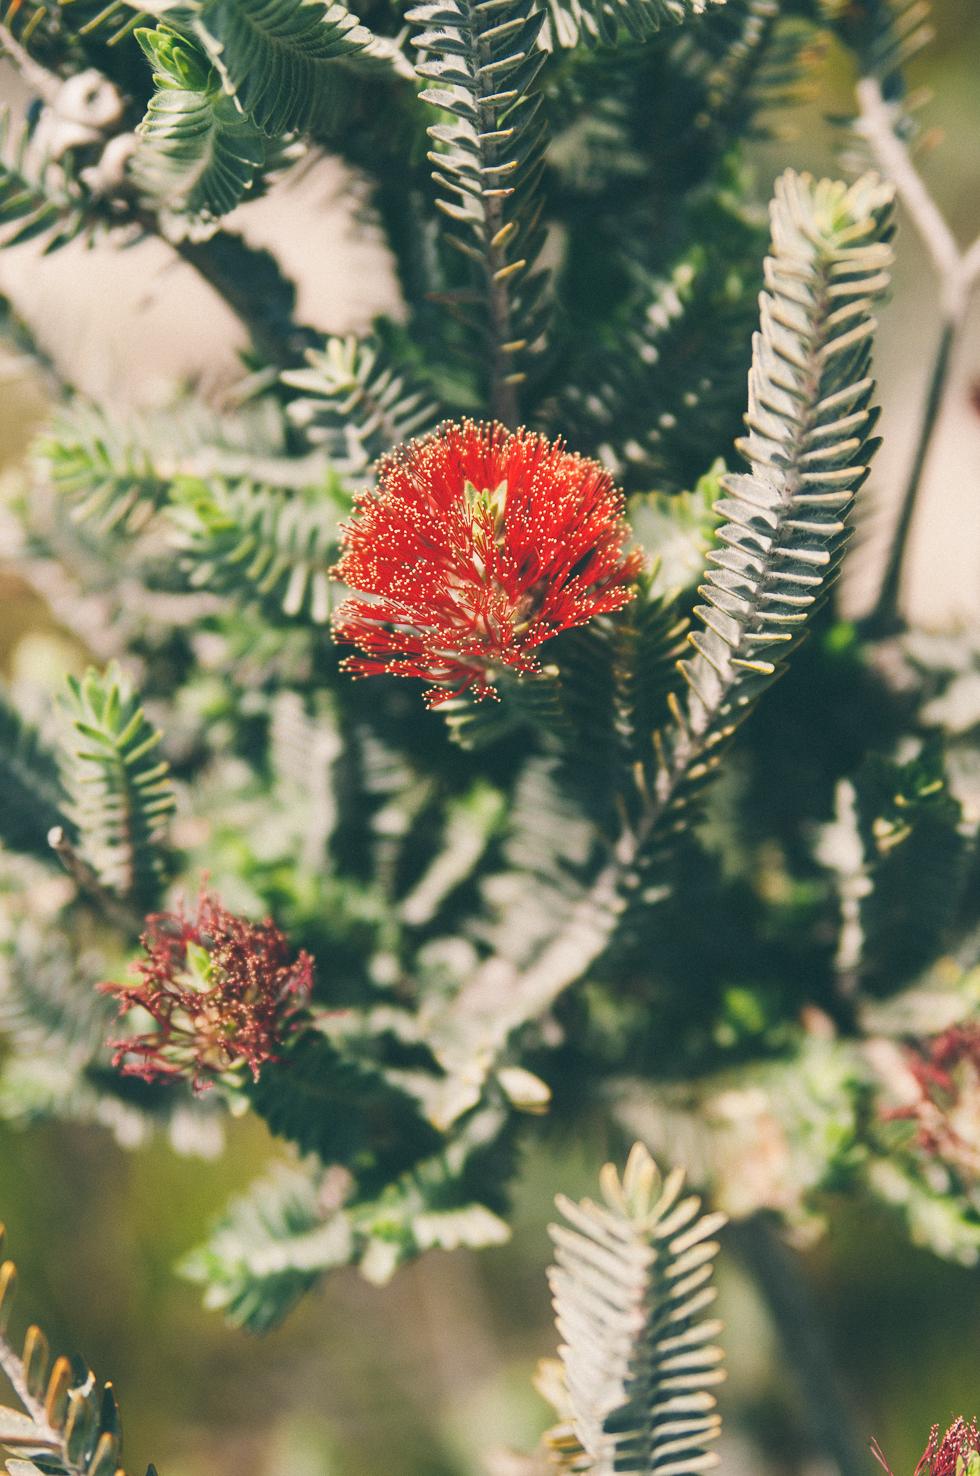 Westaustralien_Monika Ewa Kluz-11.jpg